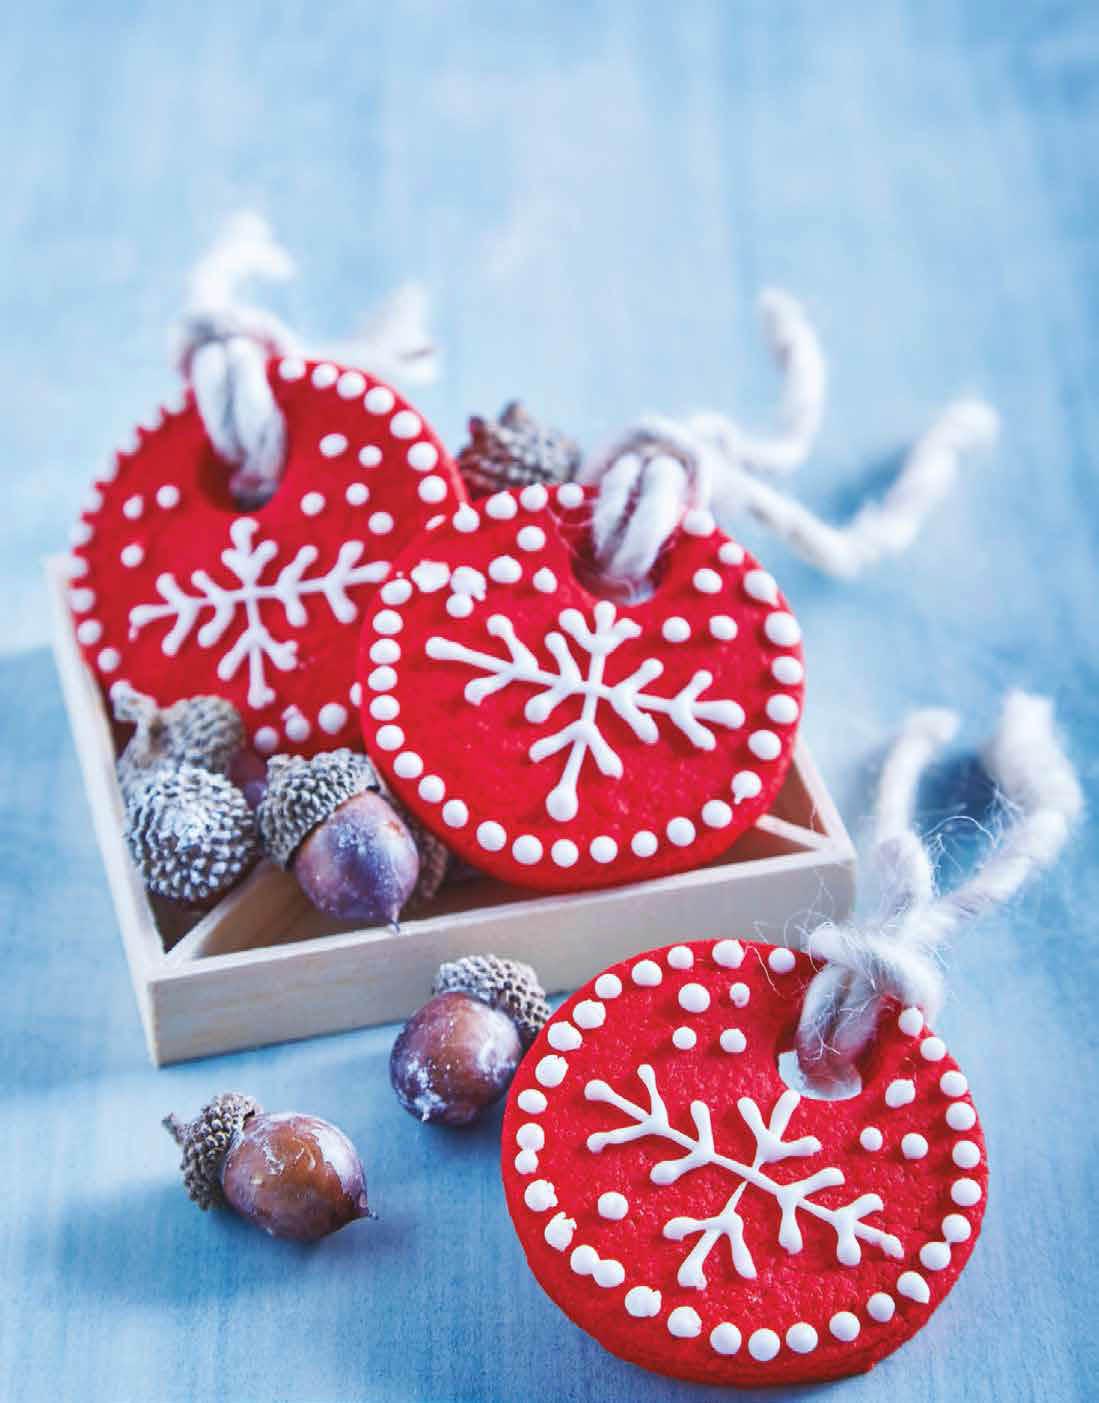 galletas de navidad 2020